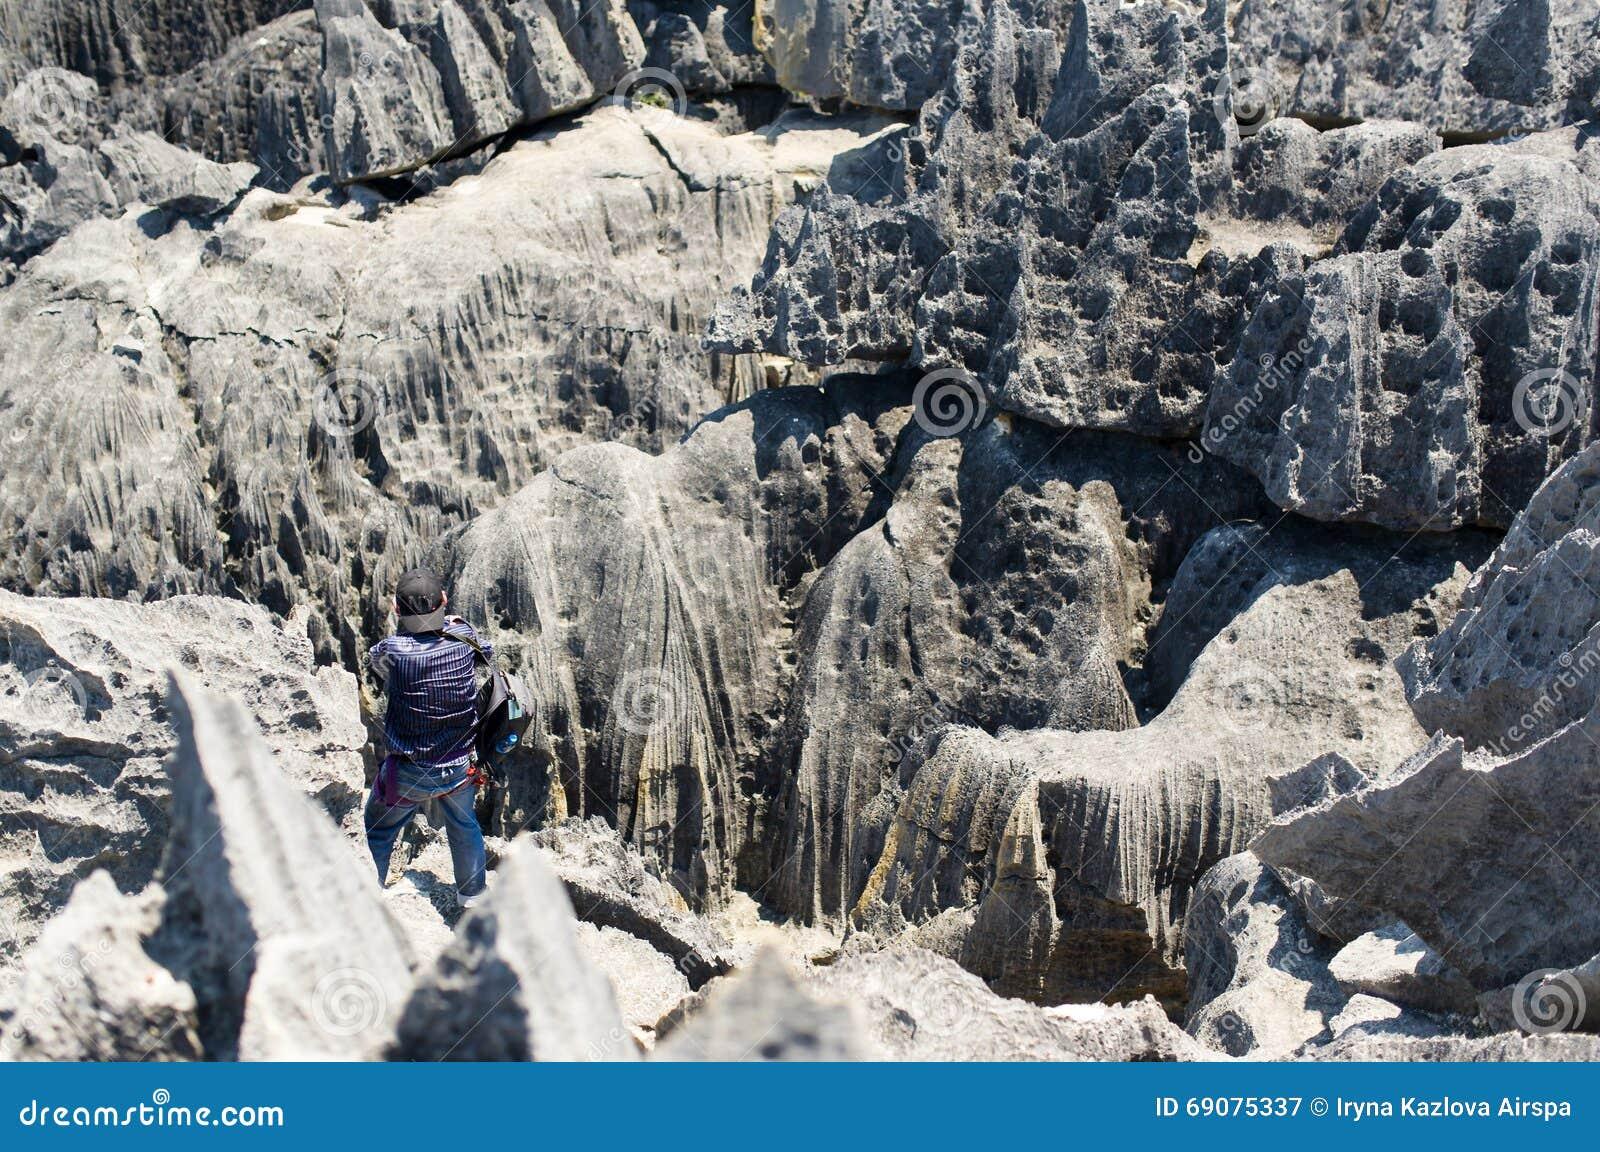 Tsingy de Bemaraha Reserva